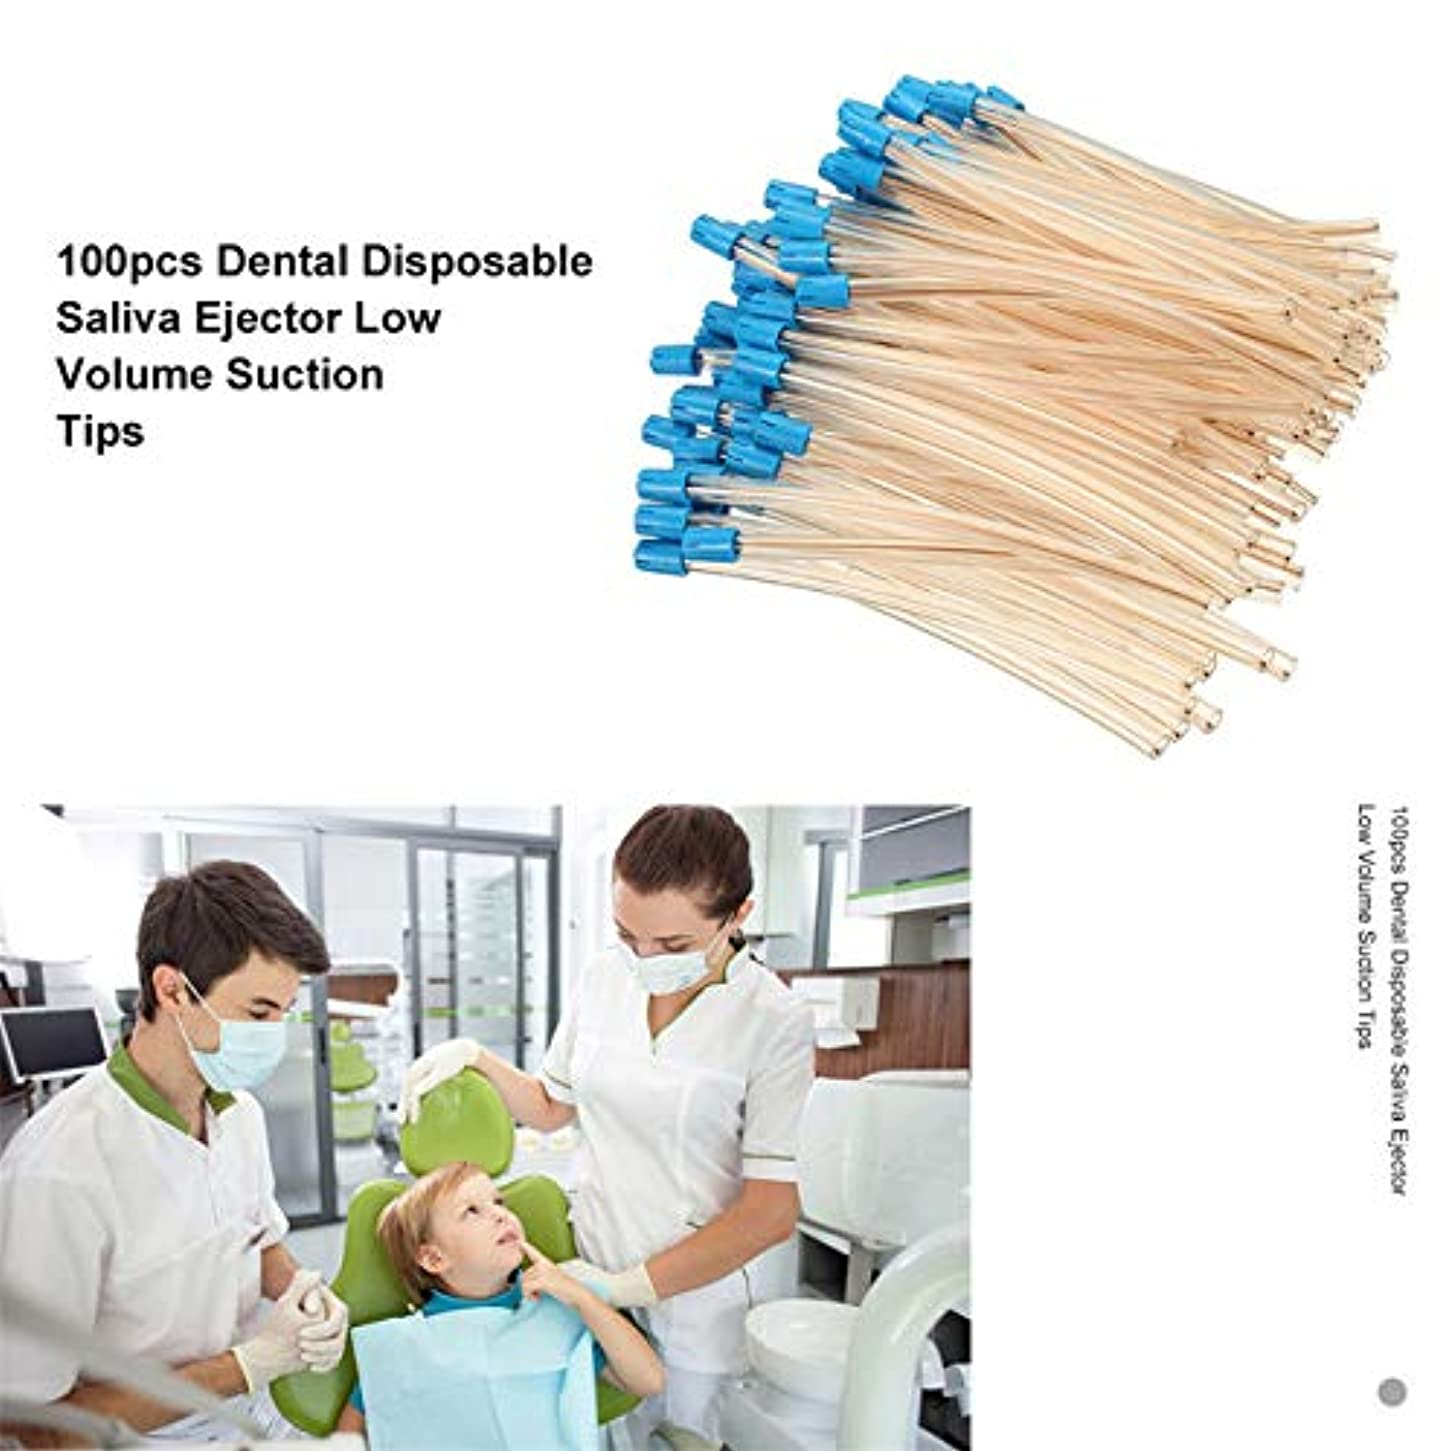 気付く通り抜ける舌なRabugoo 100個の歯科用使い捨て唾液エジェクタ低容量吸引チップアスピレータチューブオーラルケアツール